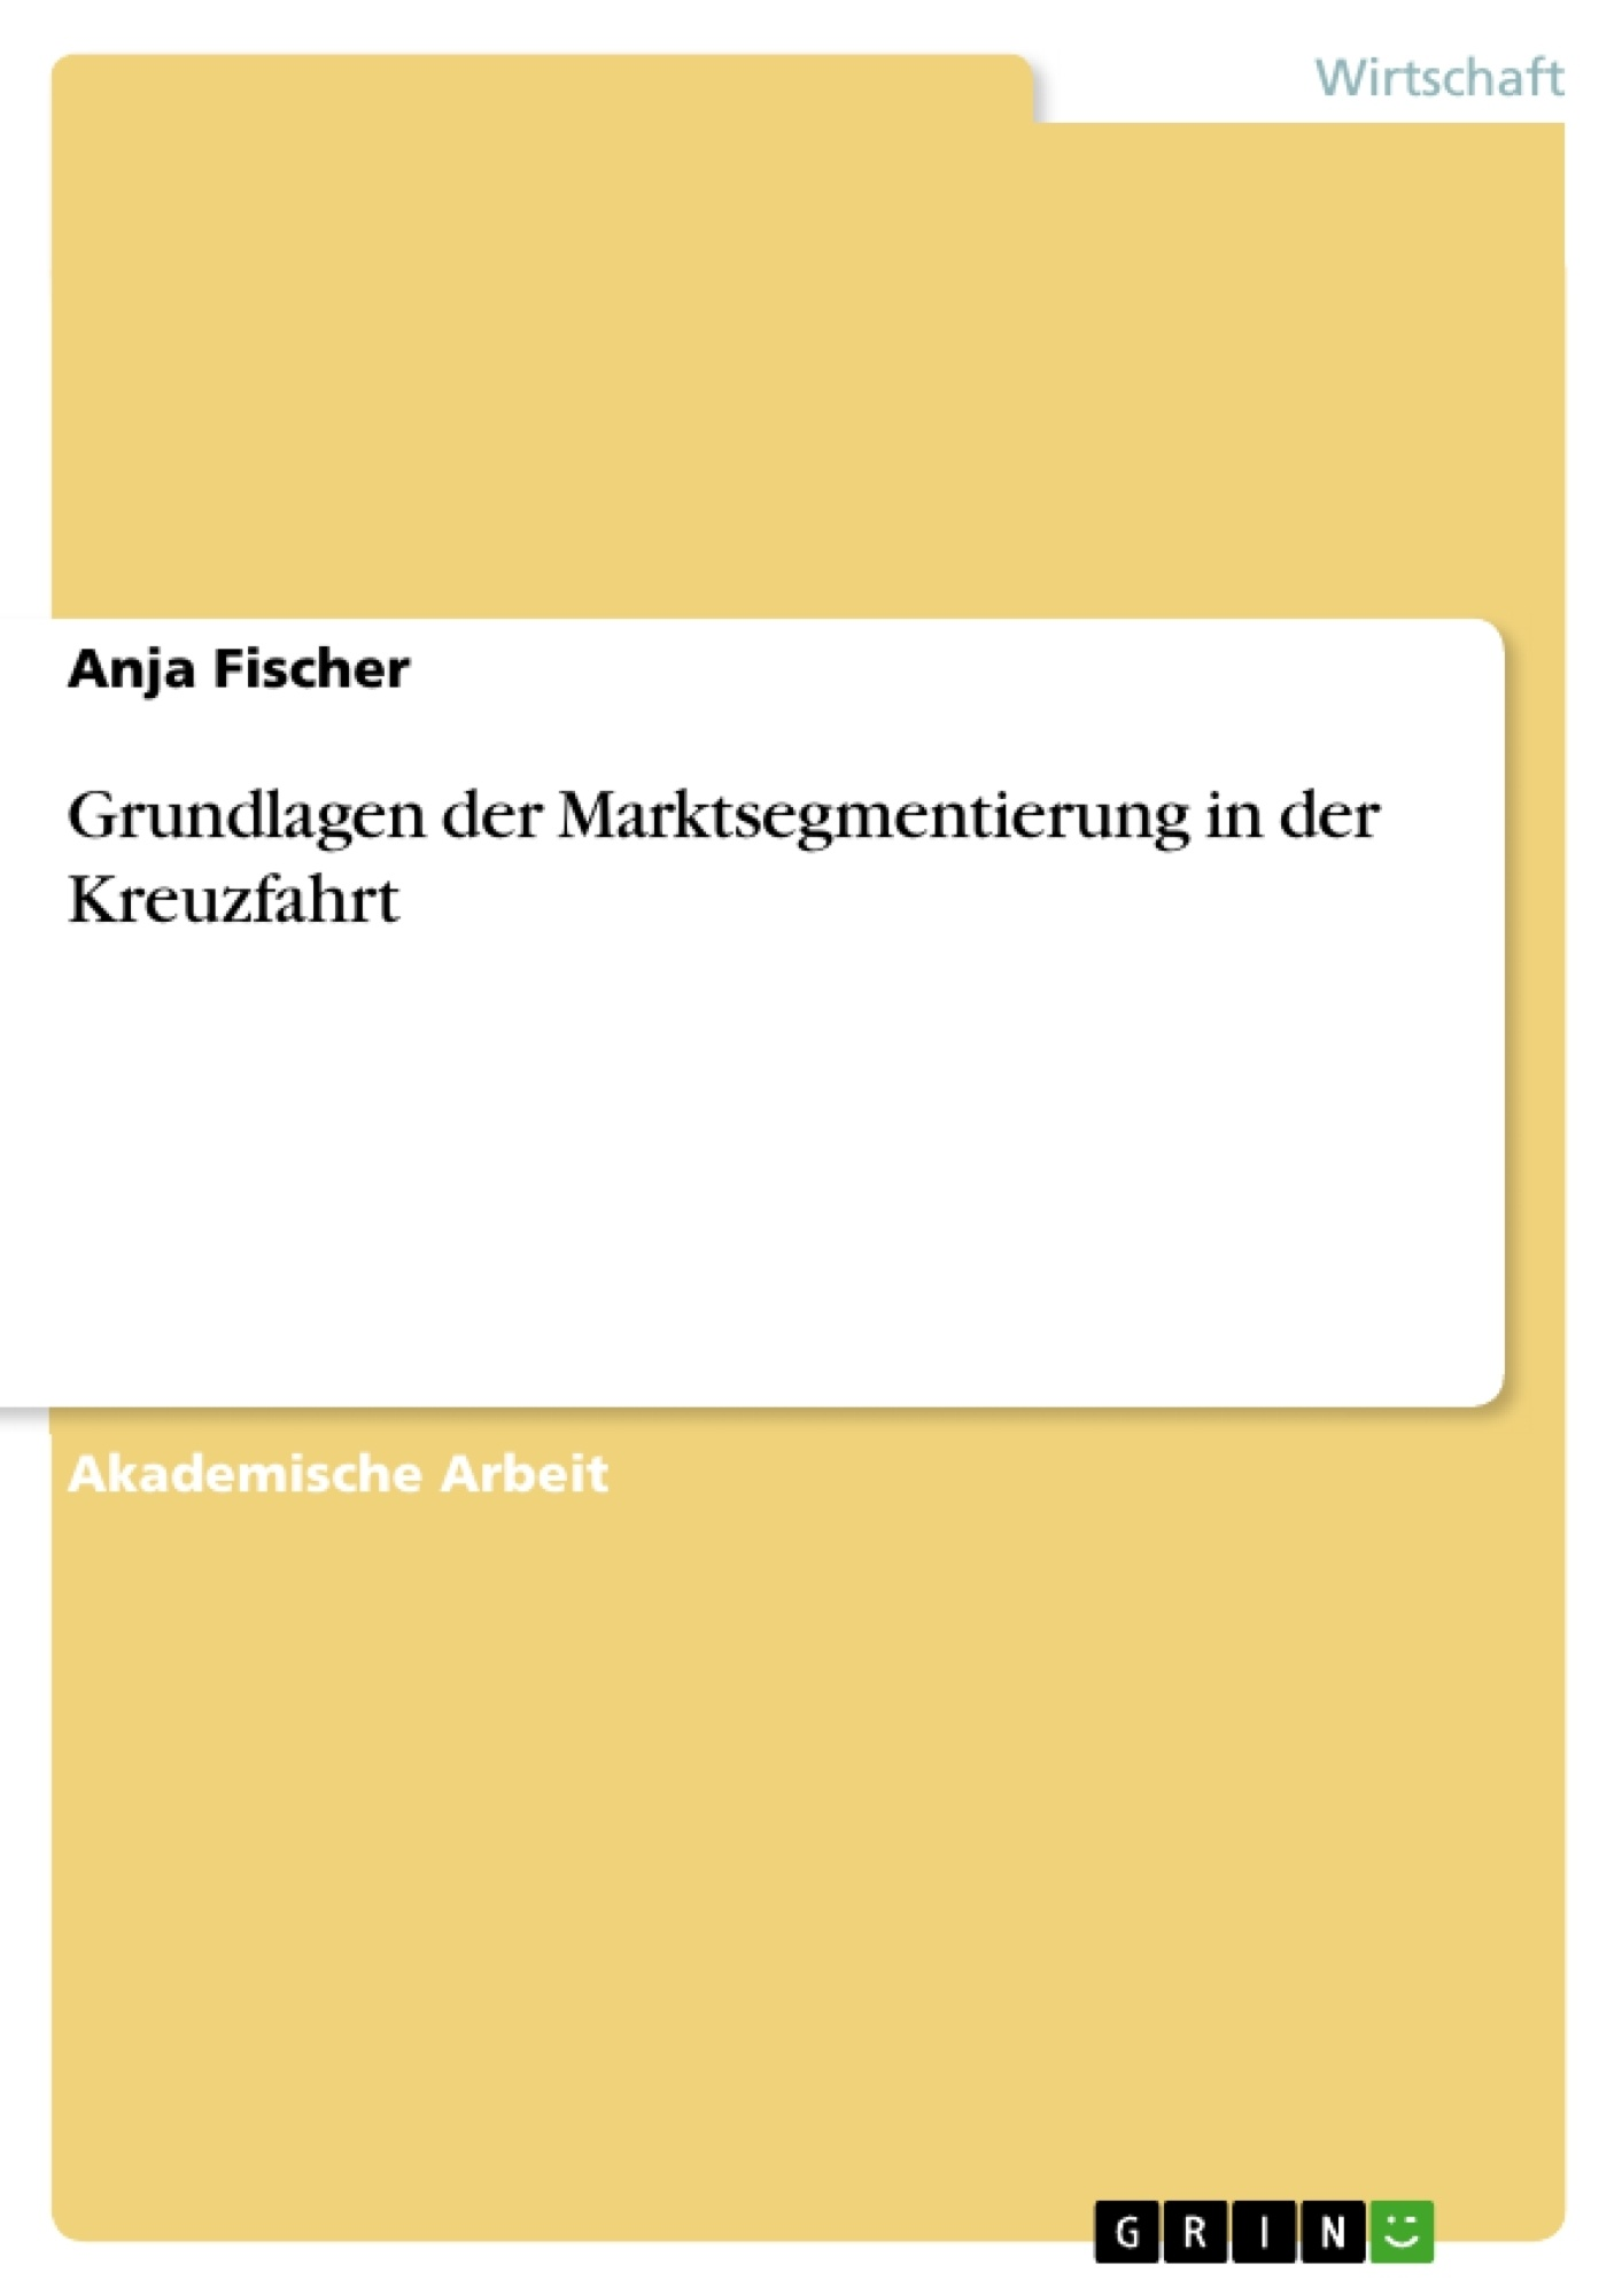 Titel: Grundlagen der Marktsegmentierung in der Kreuzfahrt